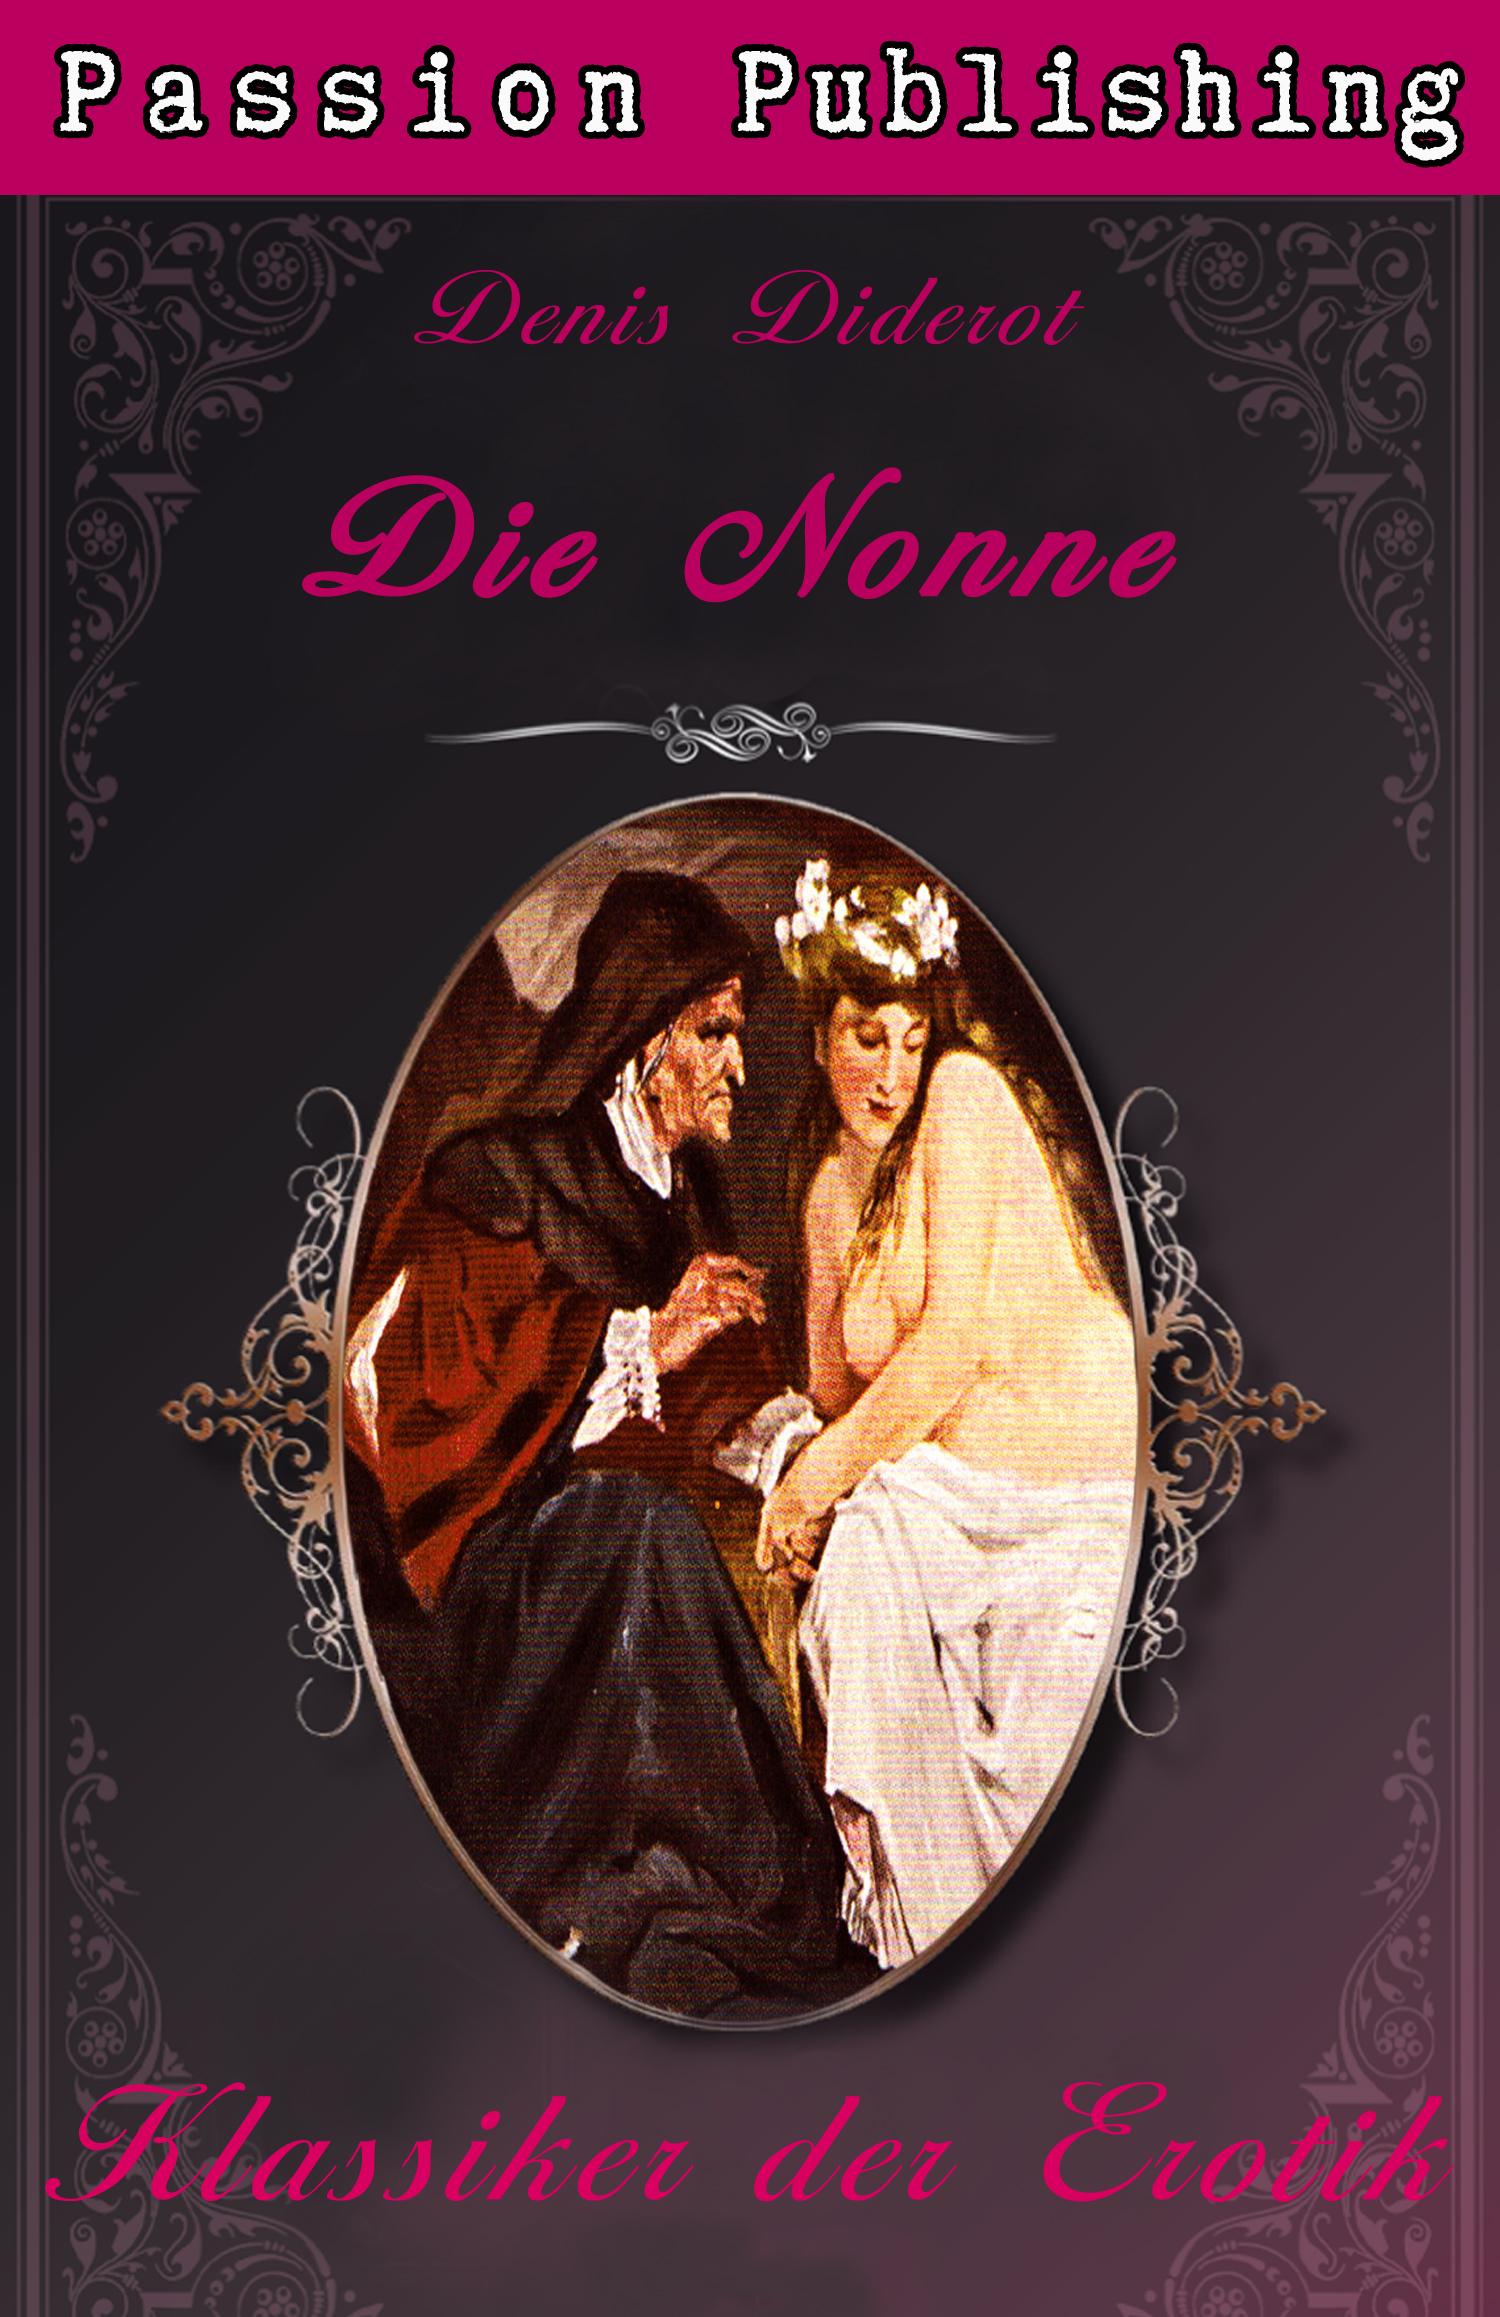 Denis Diderot Klassiker der Erotik 31: Die Nonne